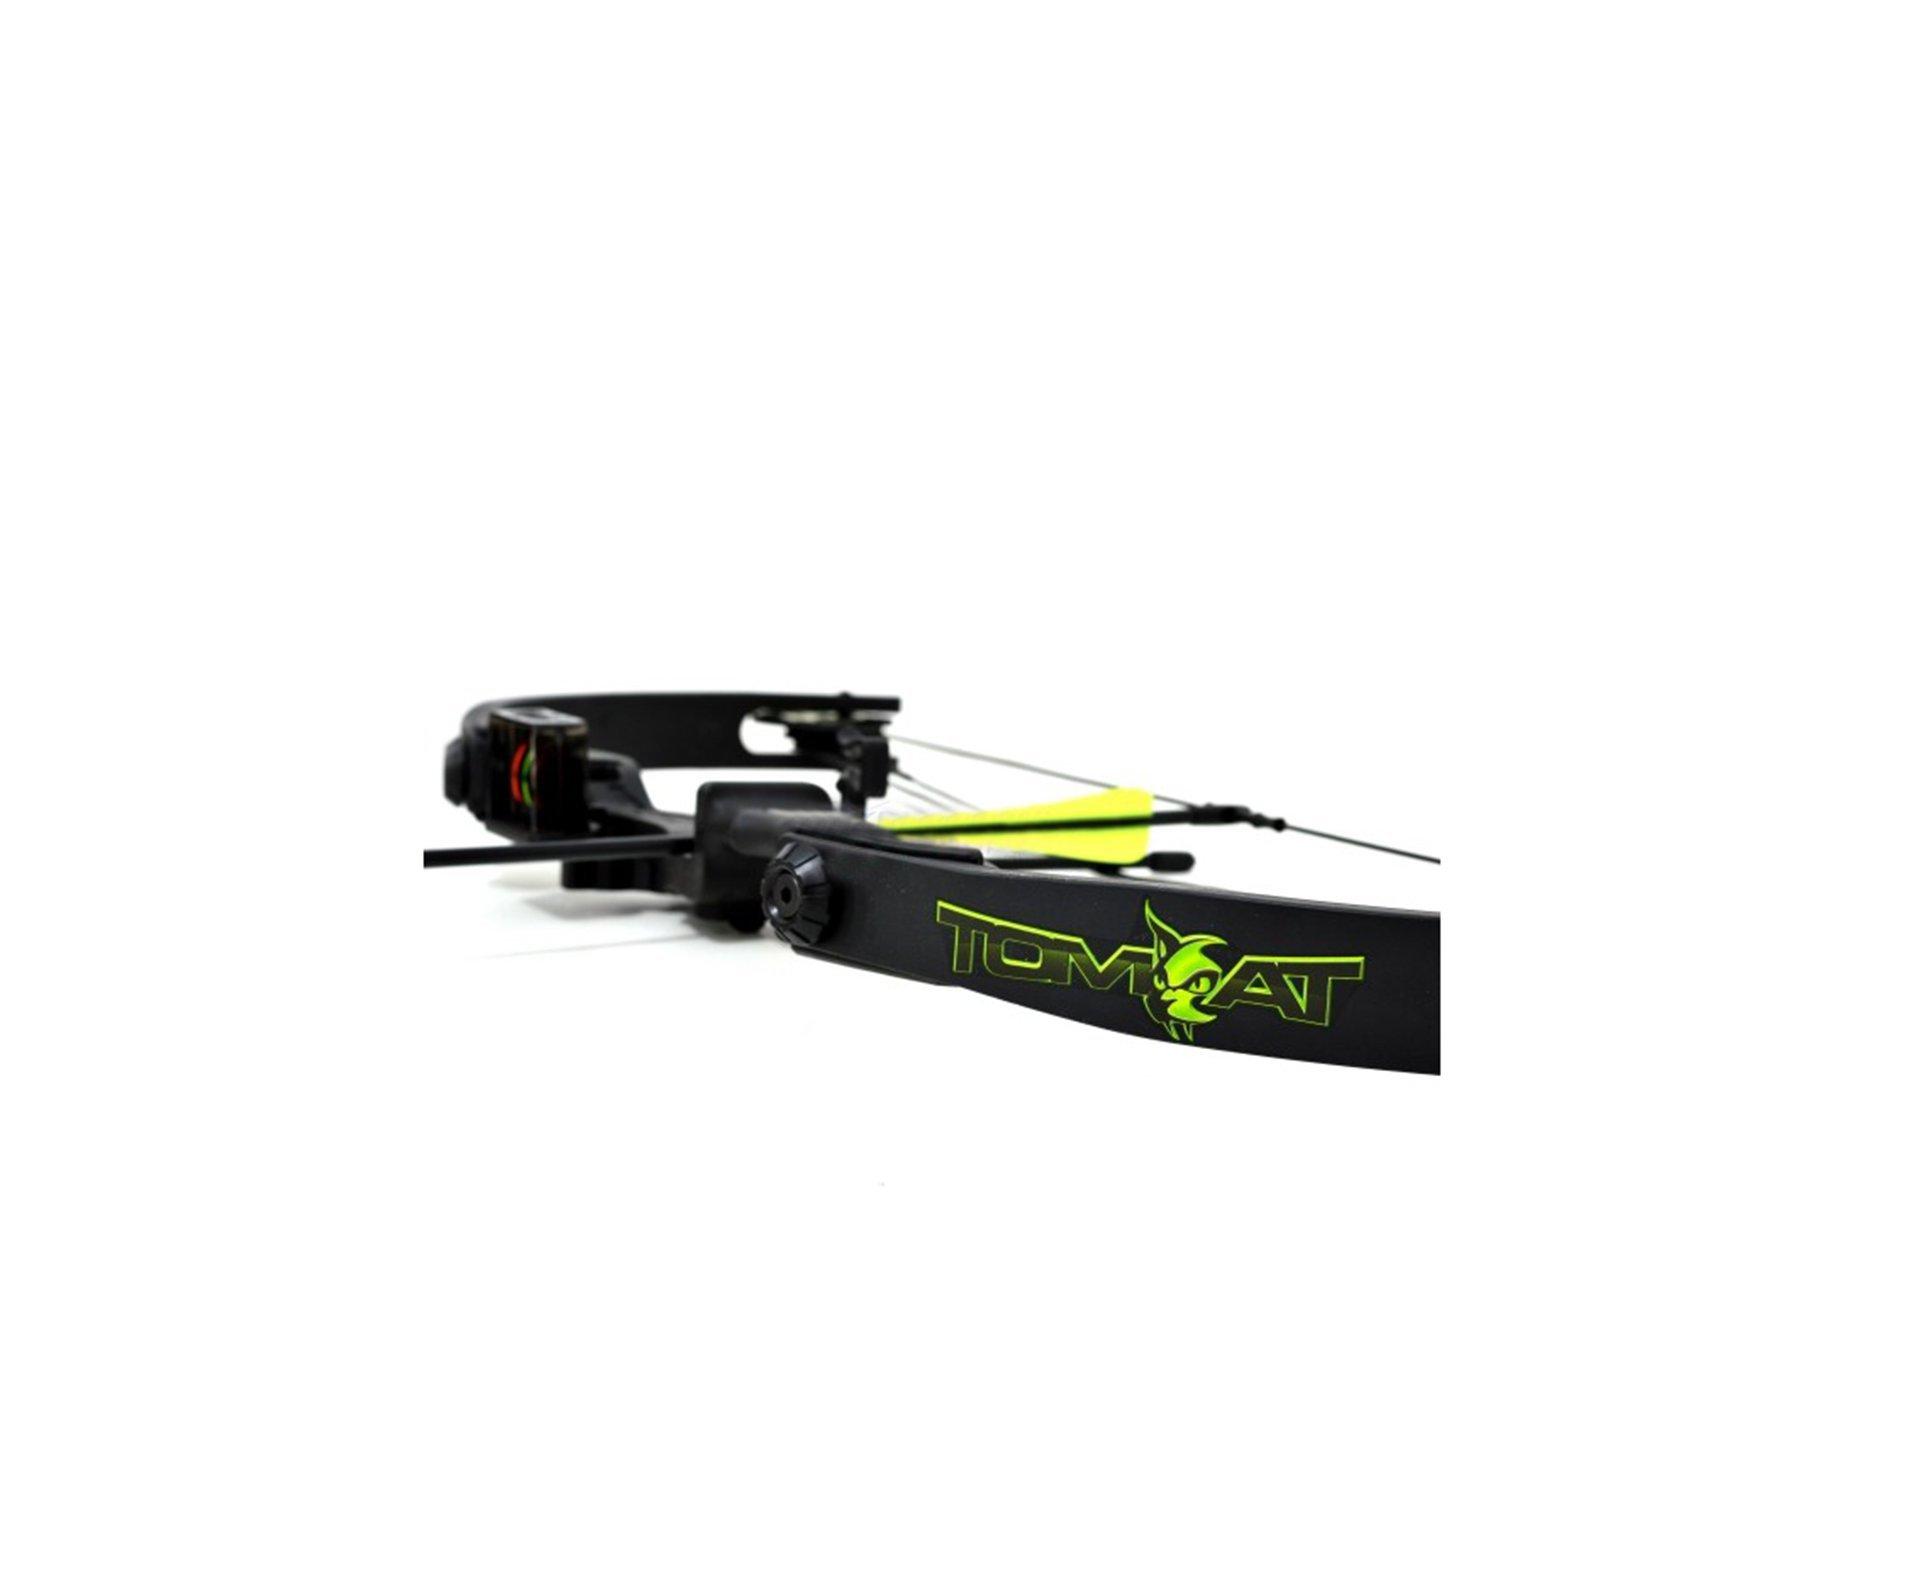 """Arco Composto Tom Cat 20-22 Lbs - C/ 2 Flechas 20"""" - Verde  - Barnett"""